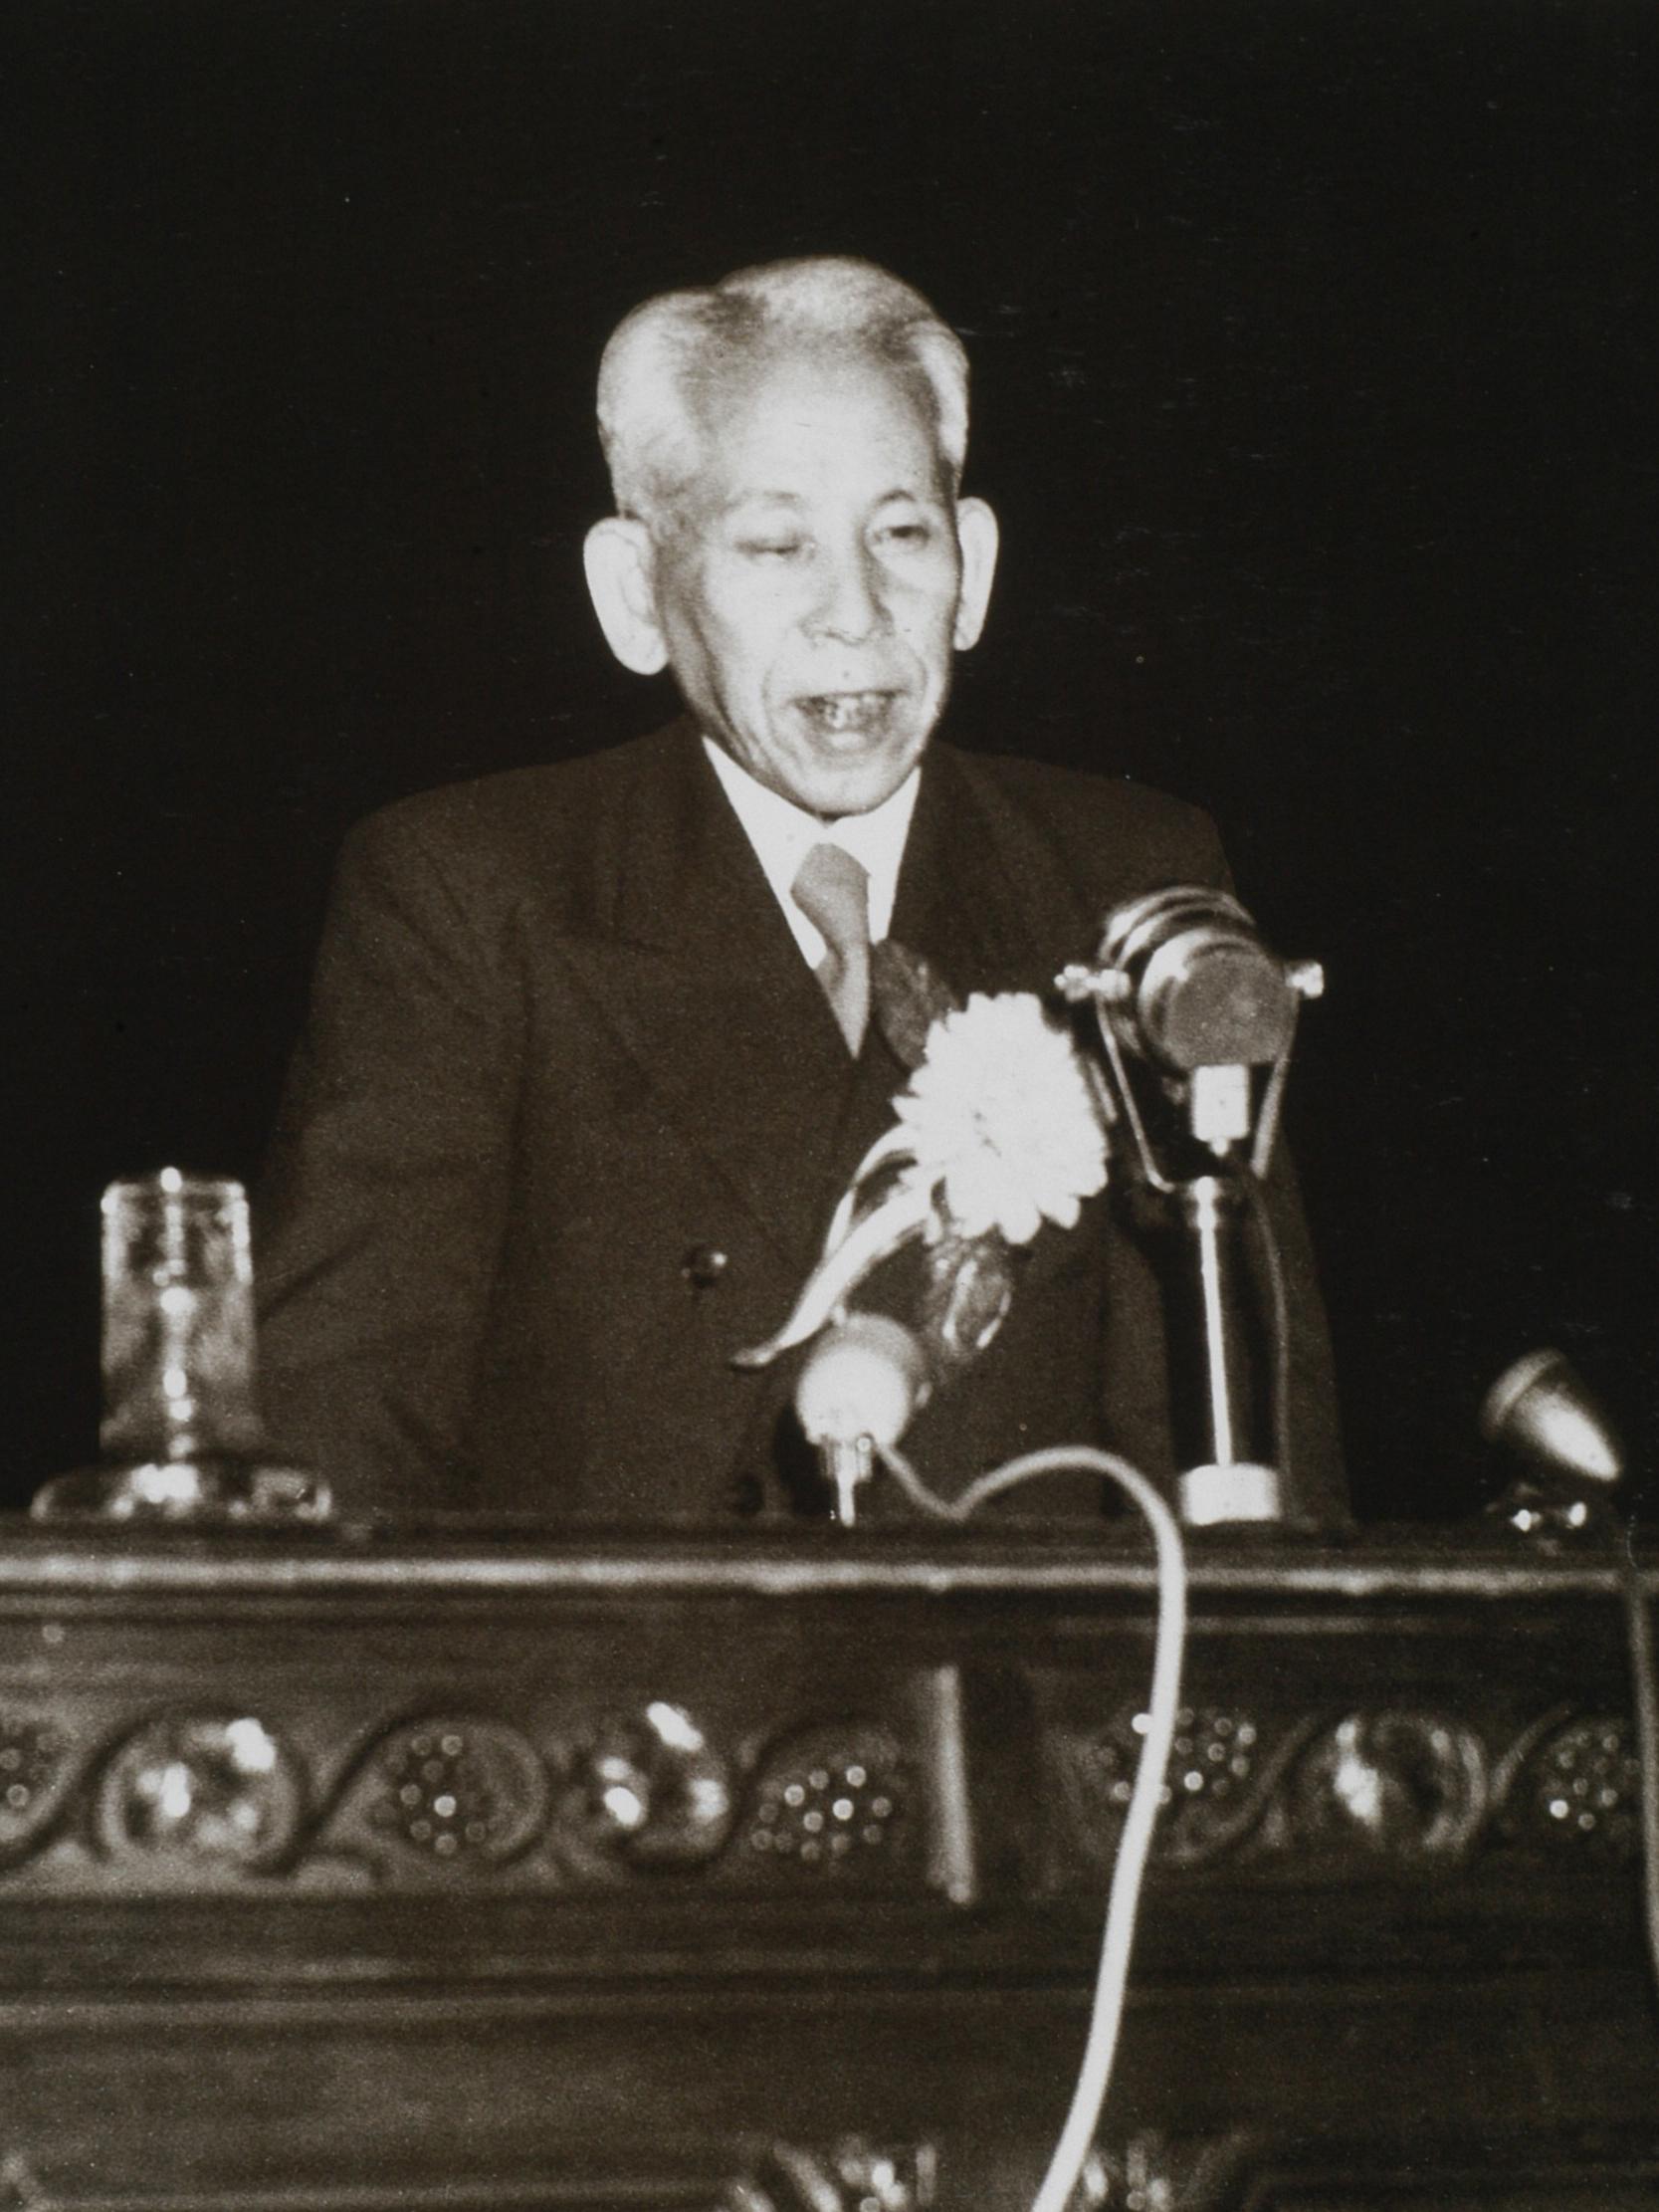 真の文明世界について情熱をこめ講演する(東京日比谷公会堂昭和26年5月22日)